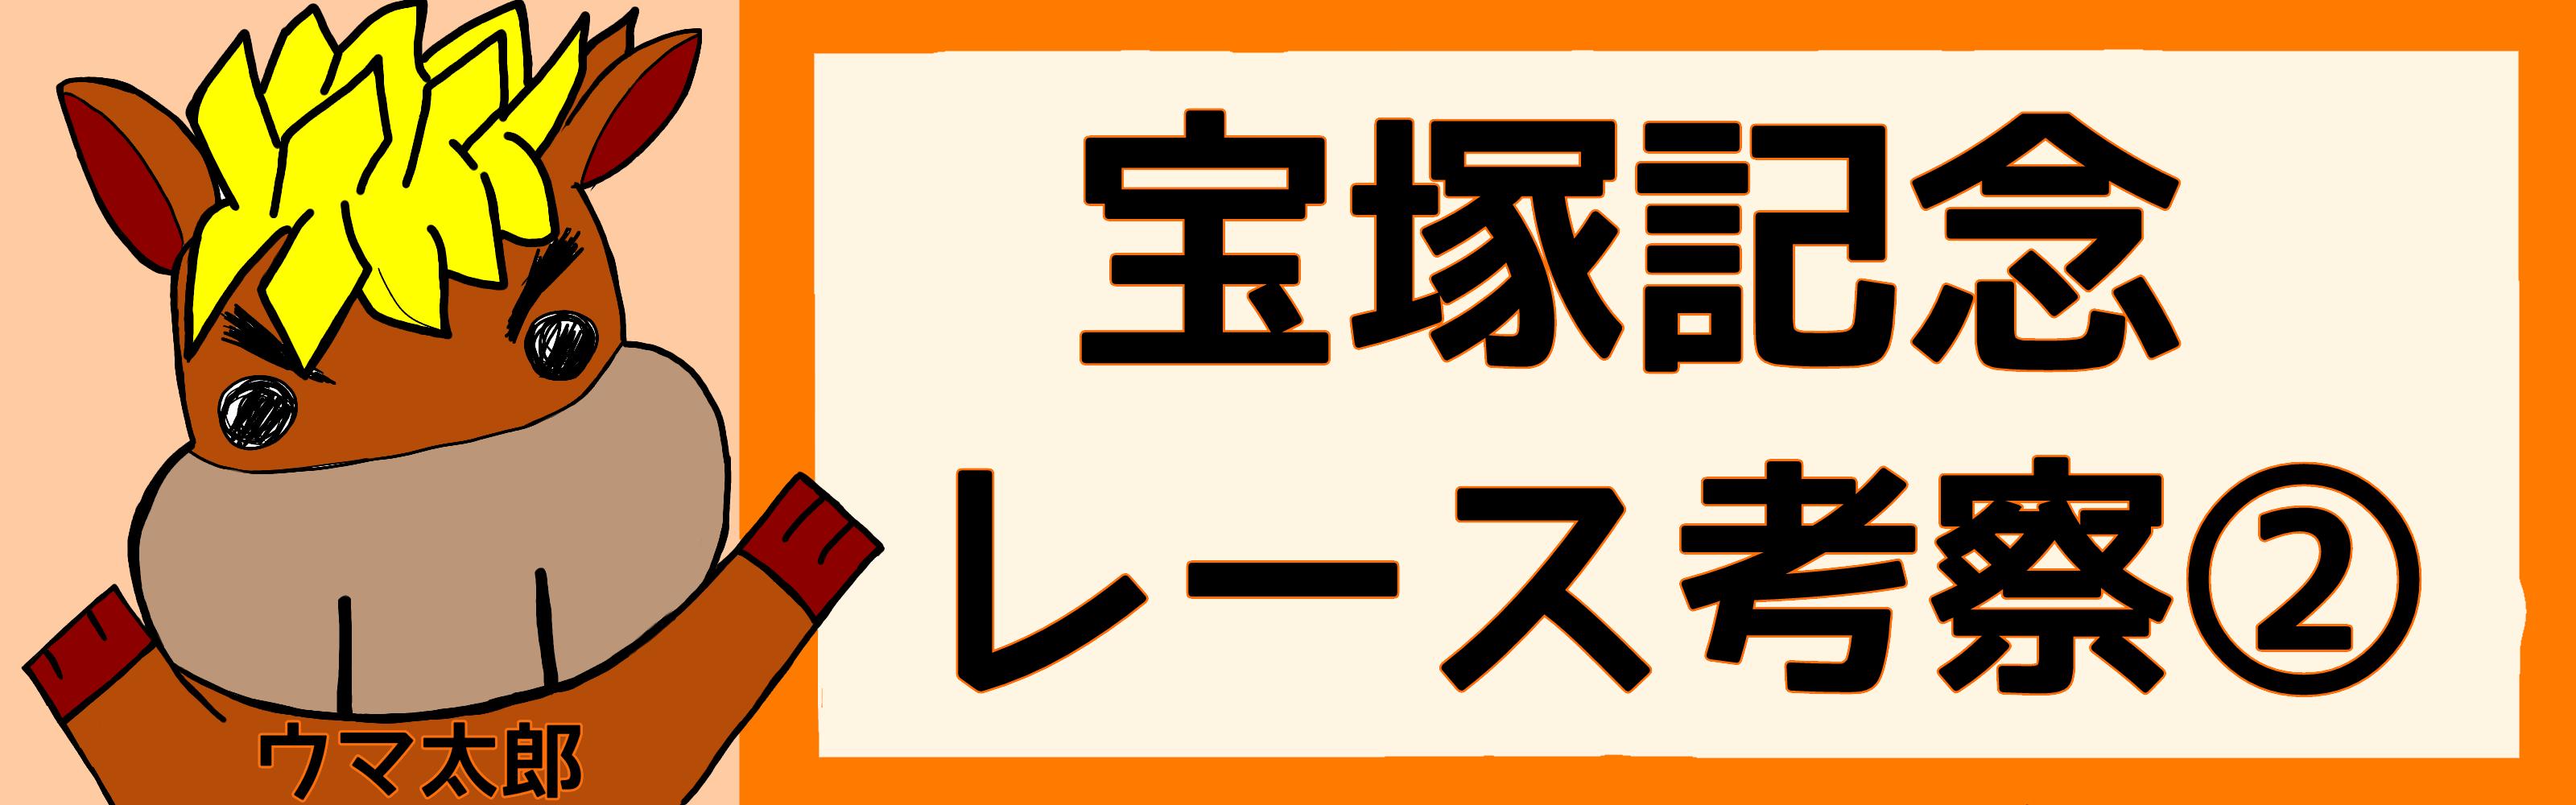 宝塚記念考察②